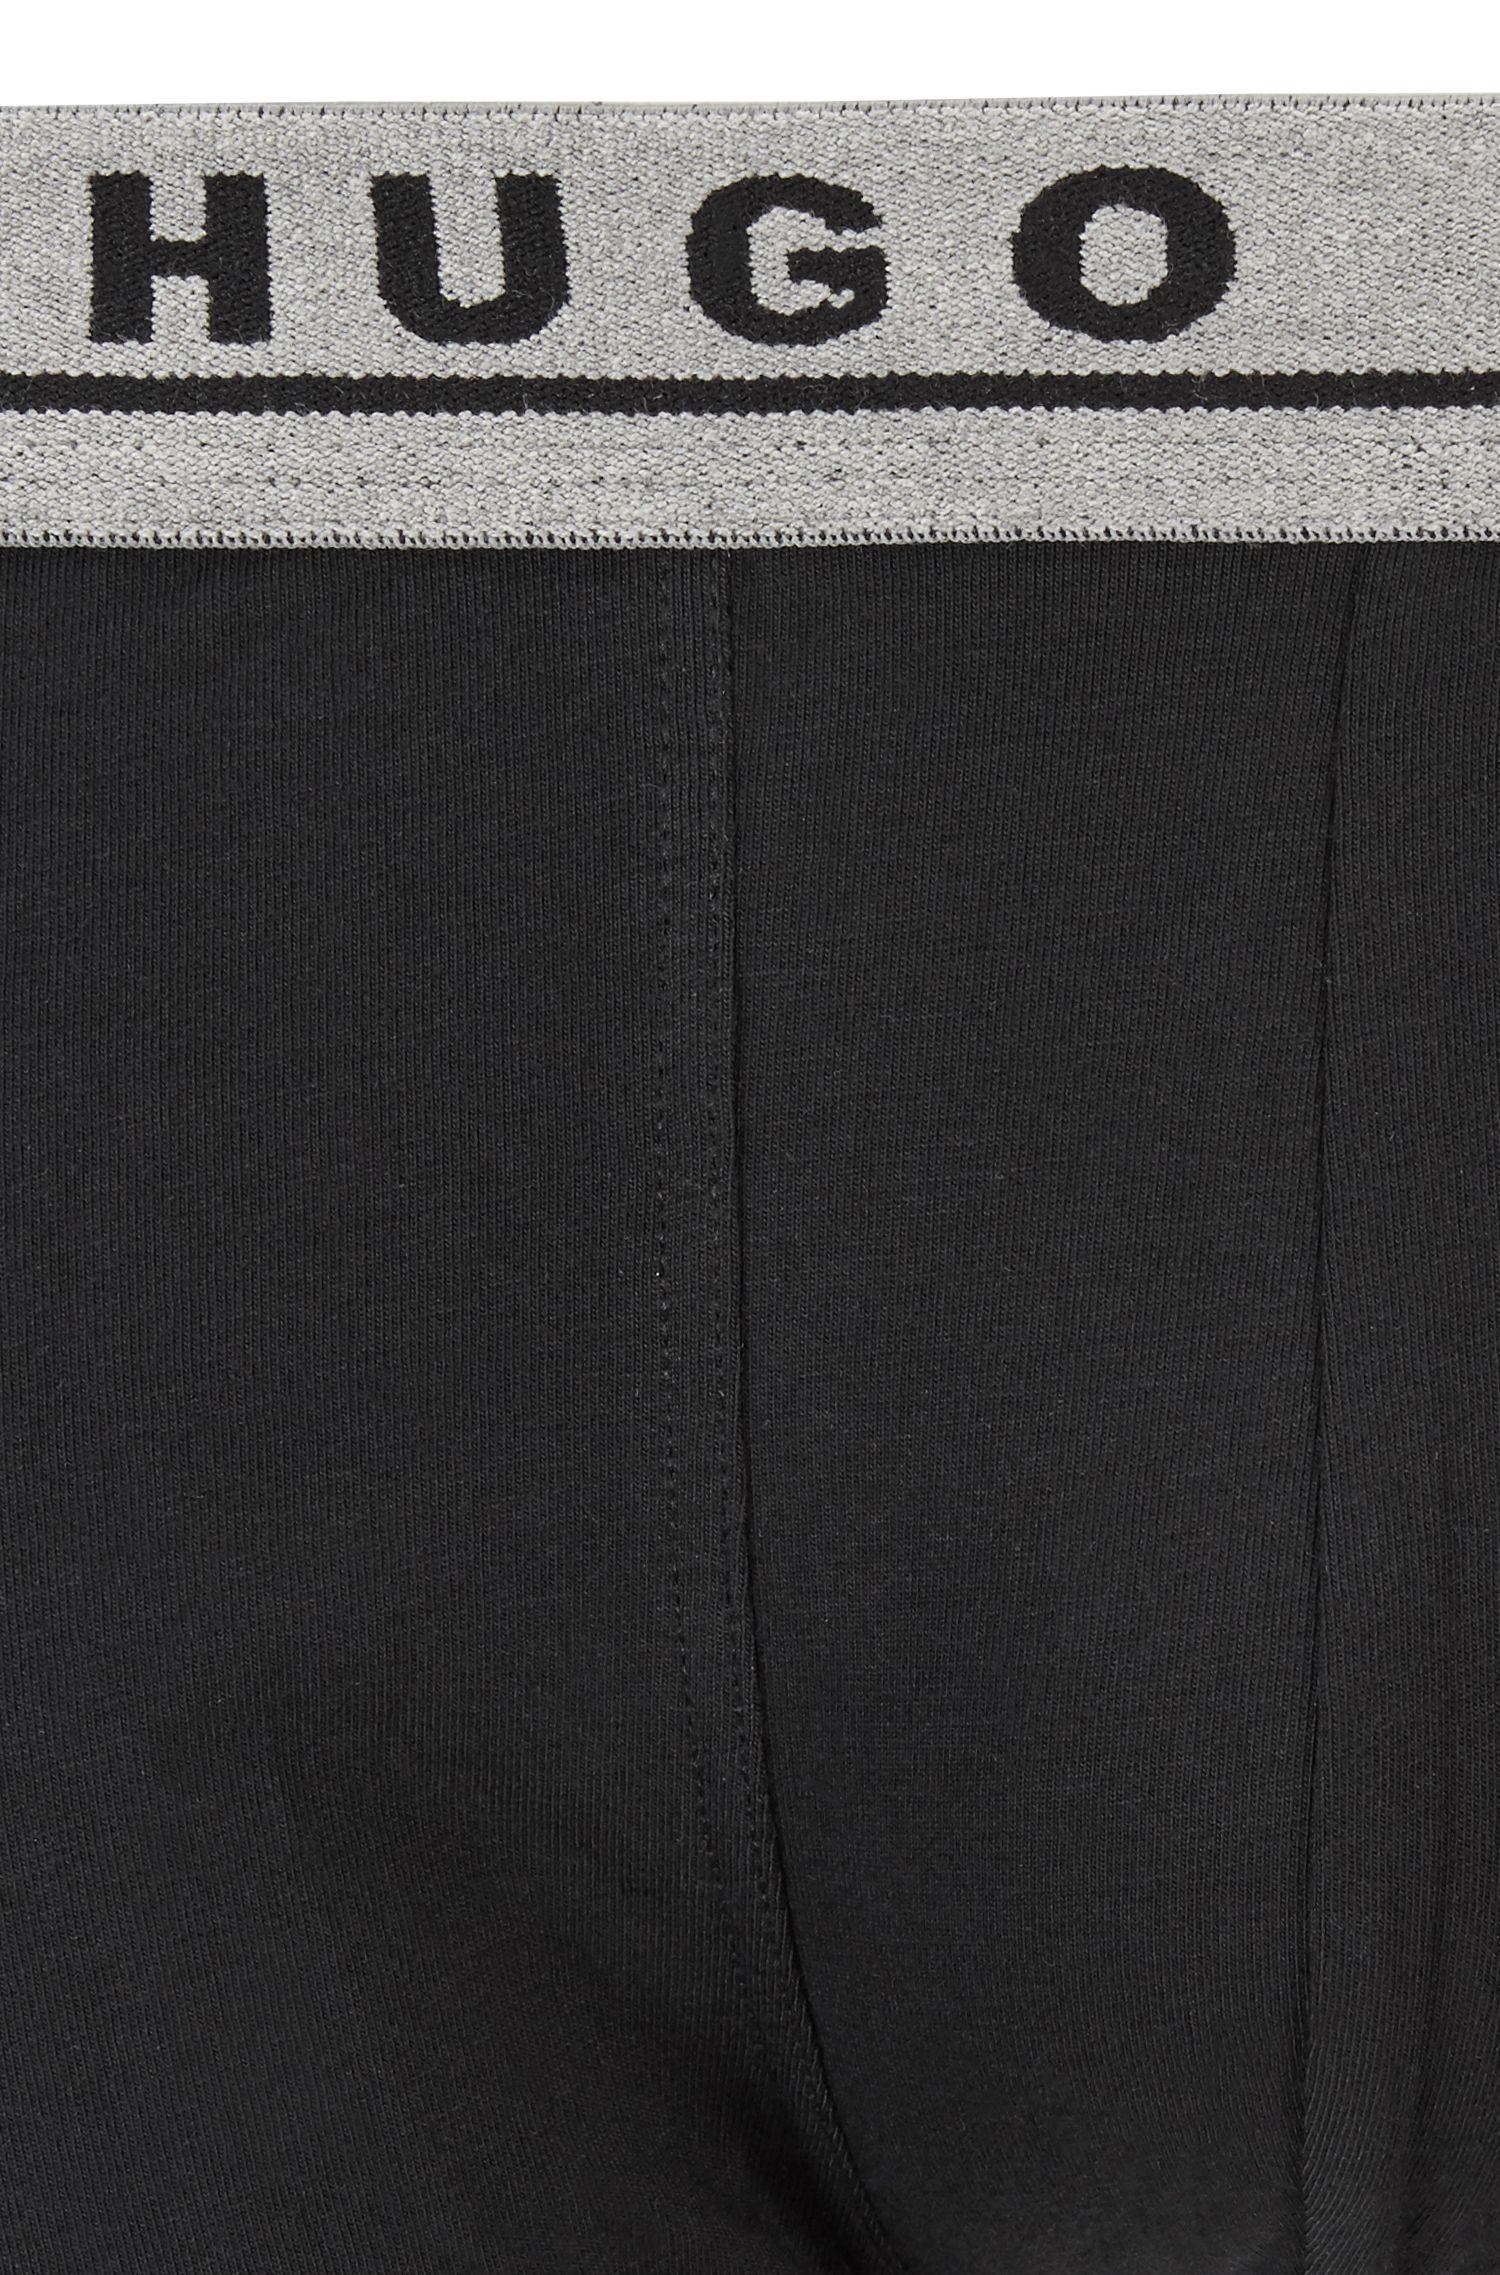 Lot de trois boxers en jersey de coton stretch, Fantaisie